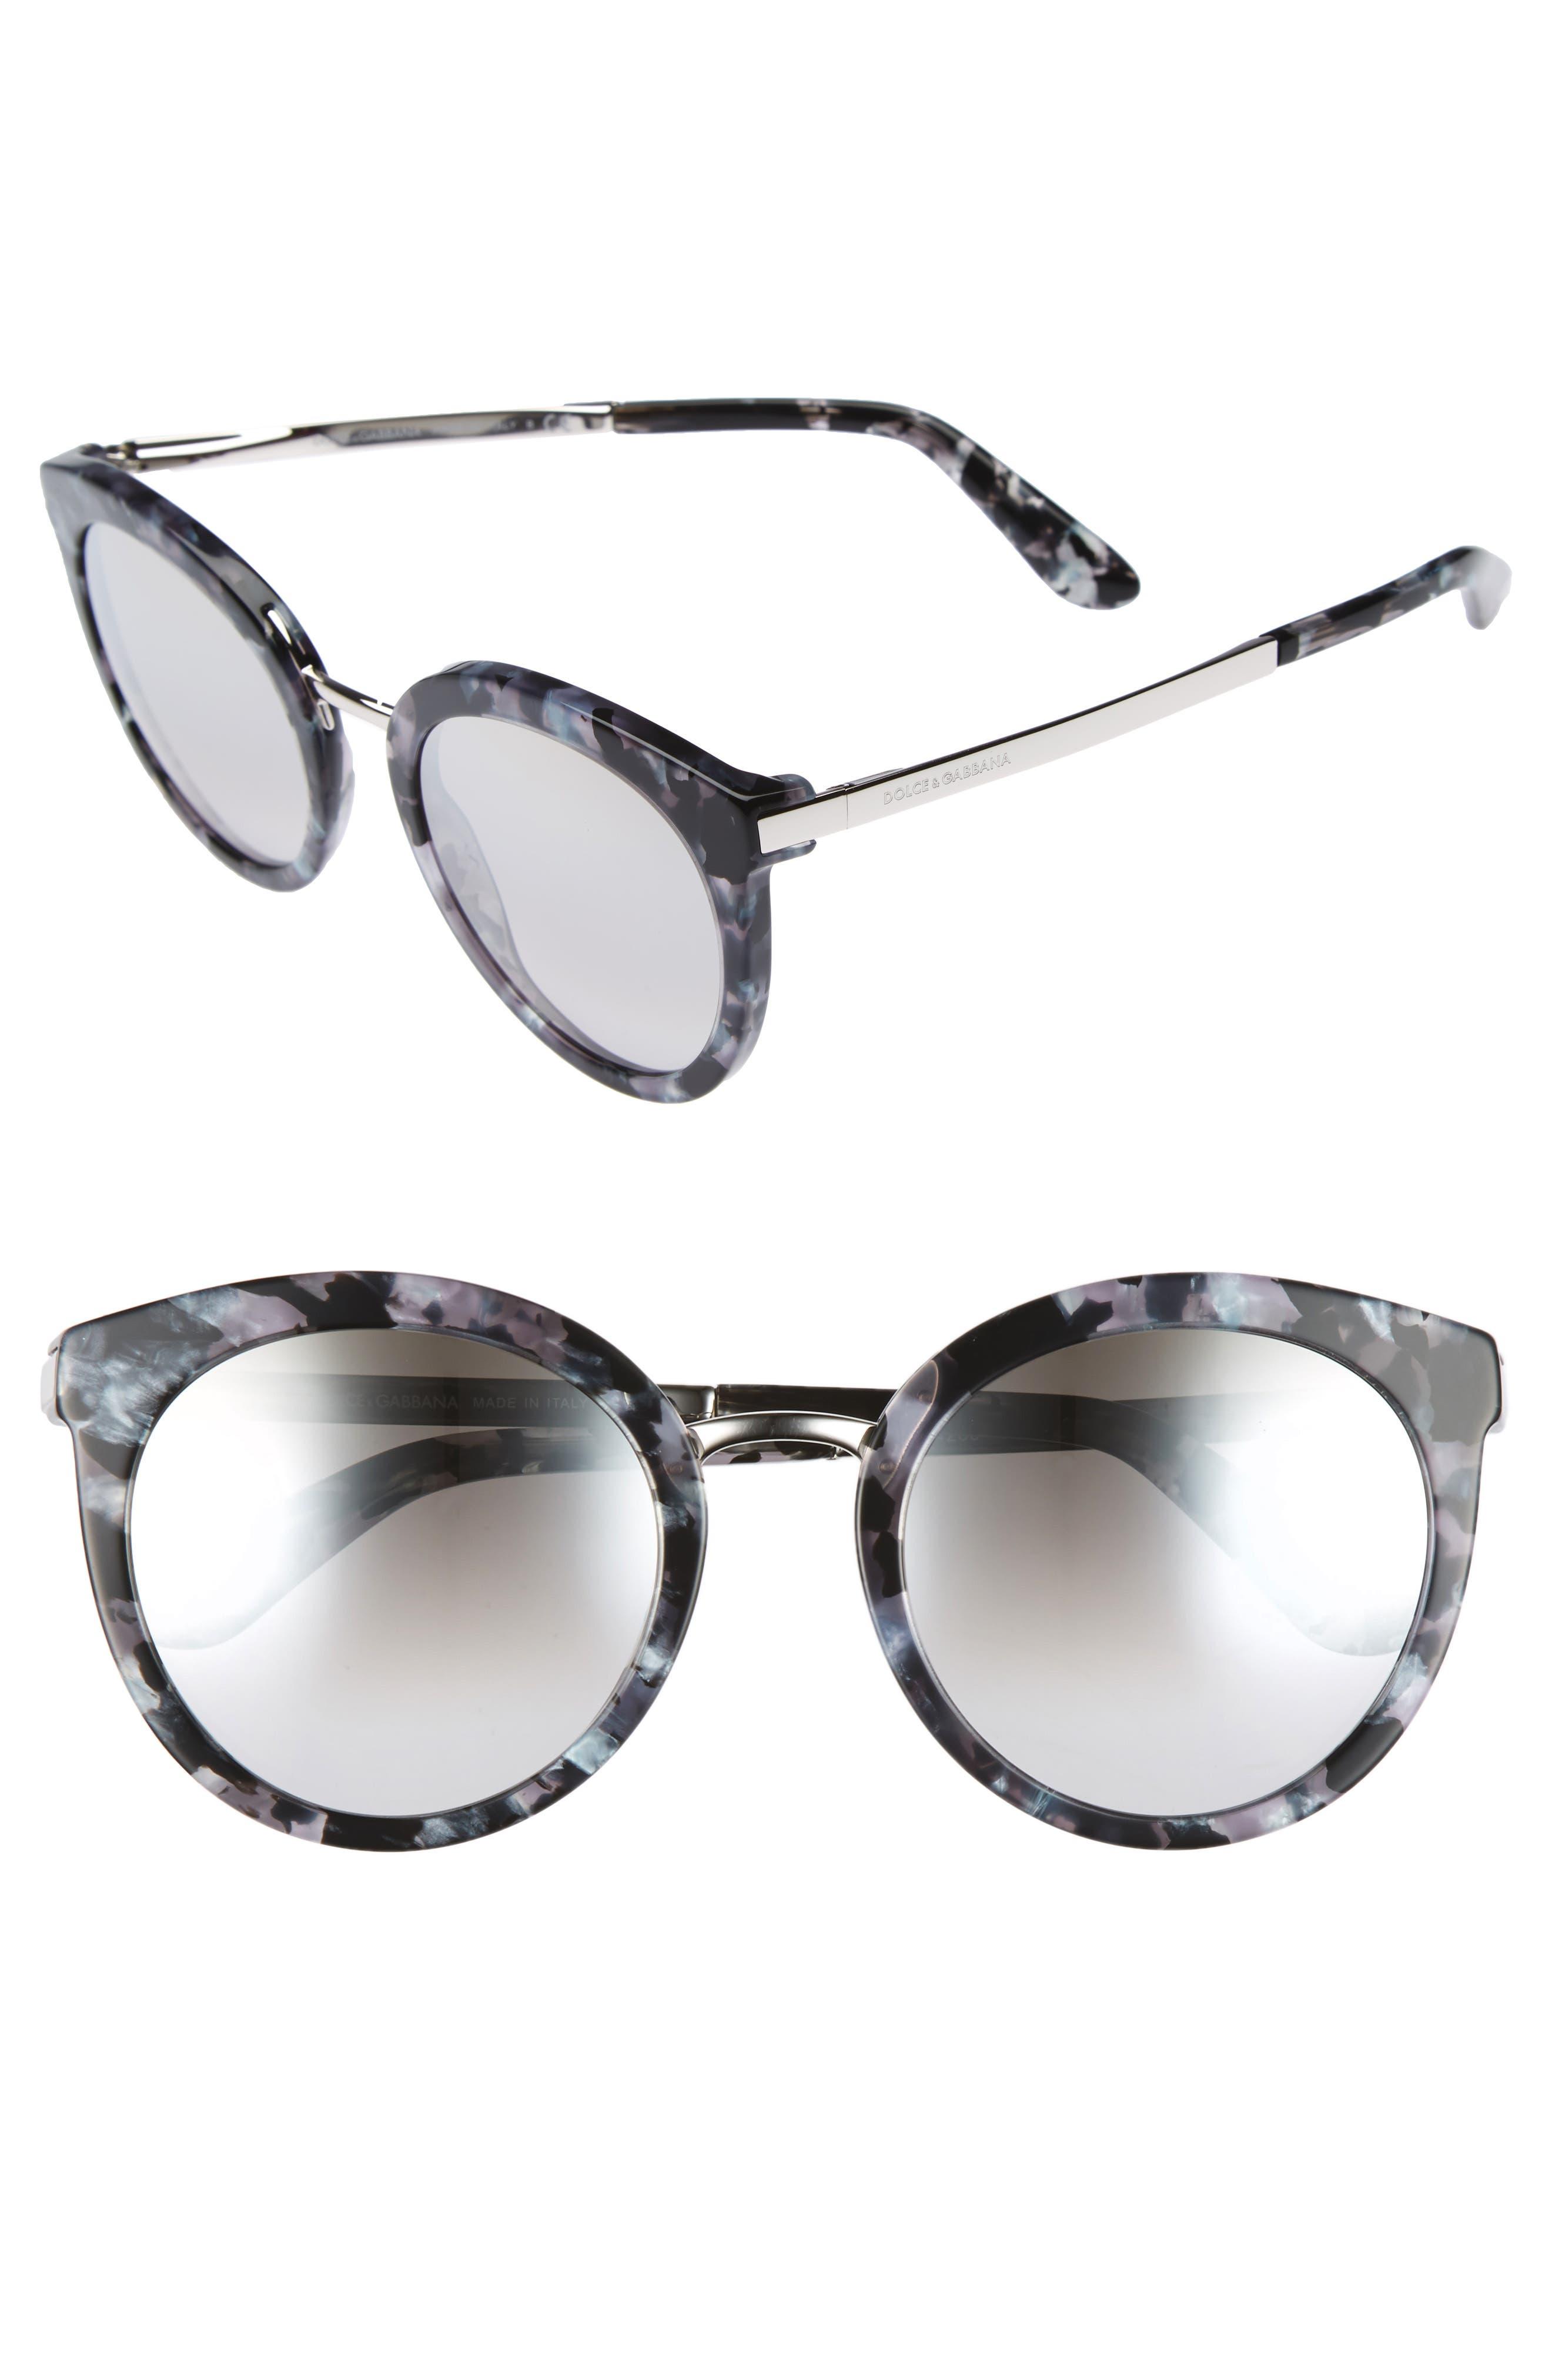 DOLCE&GABBANA 52mm Mirrored Round Sunglasses